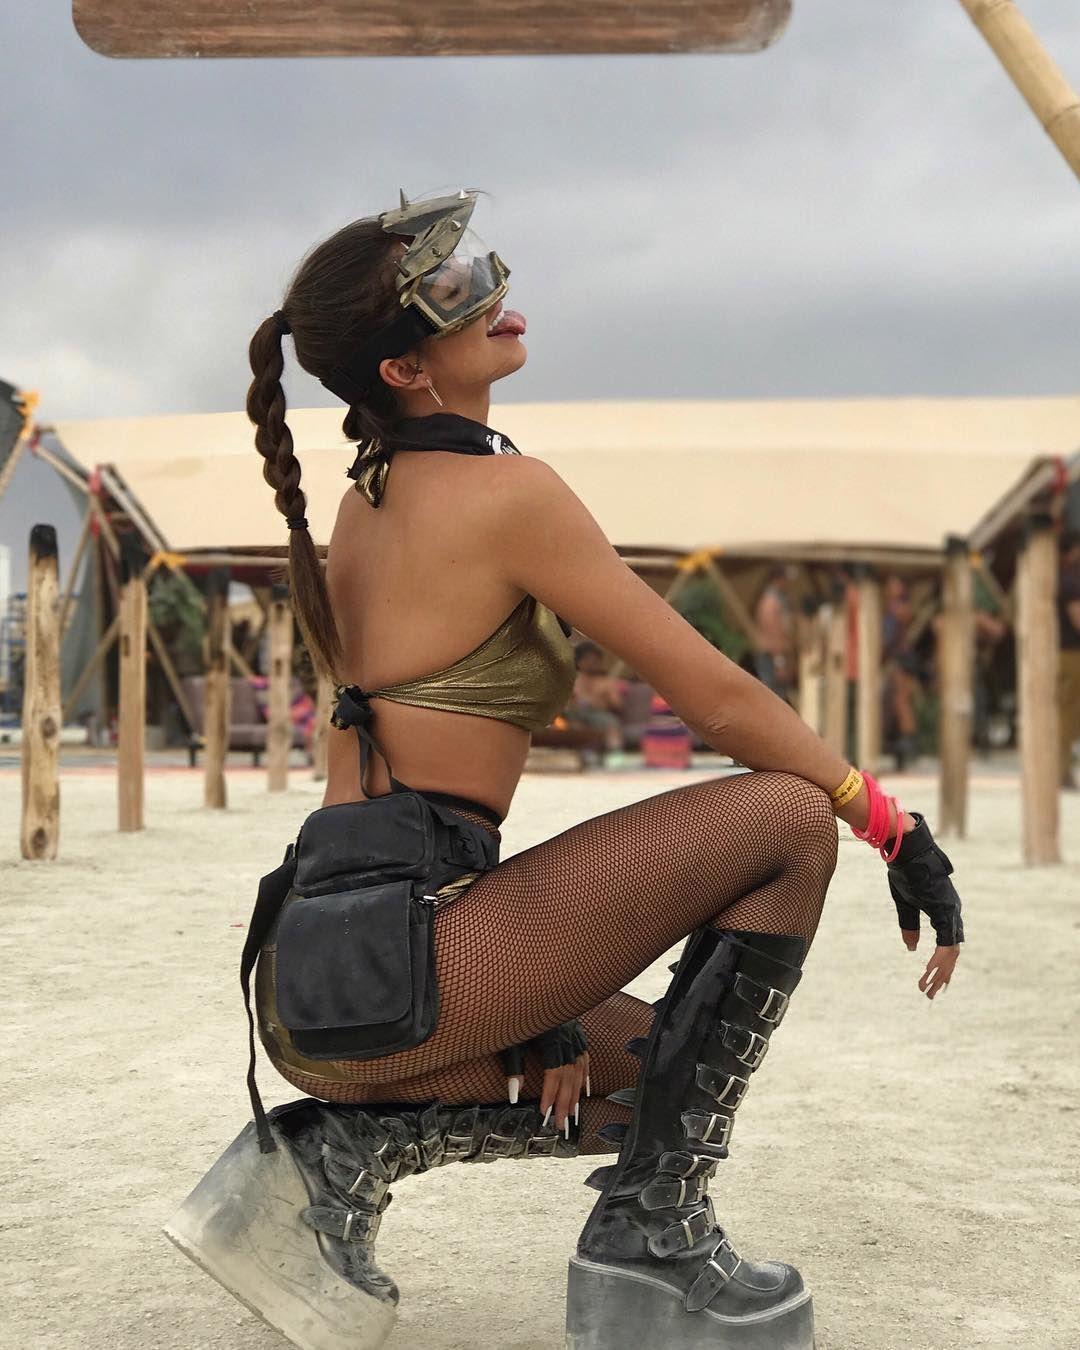 Пилюка, голі тіла та сучасне мистецтво: круті фото з фестивалю Burning Man 2017 - фото 336403